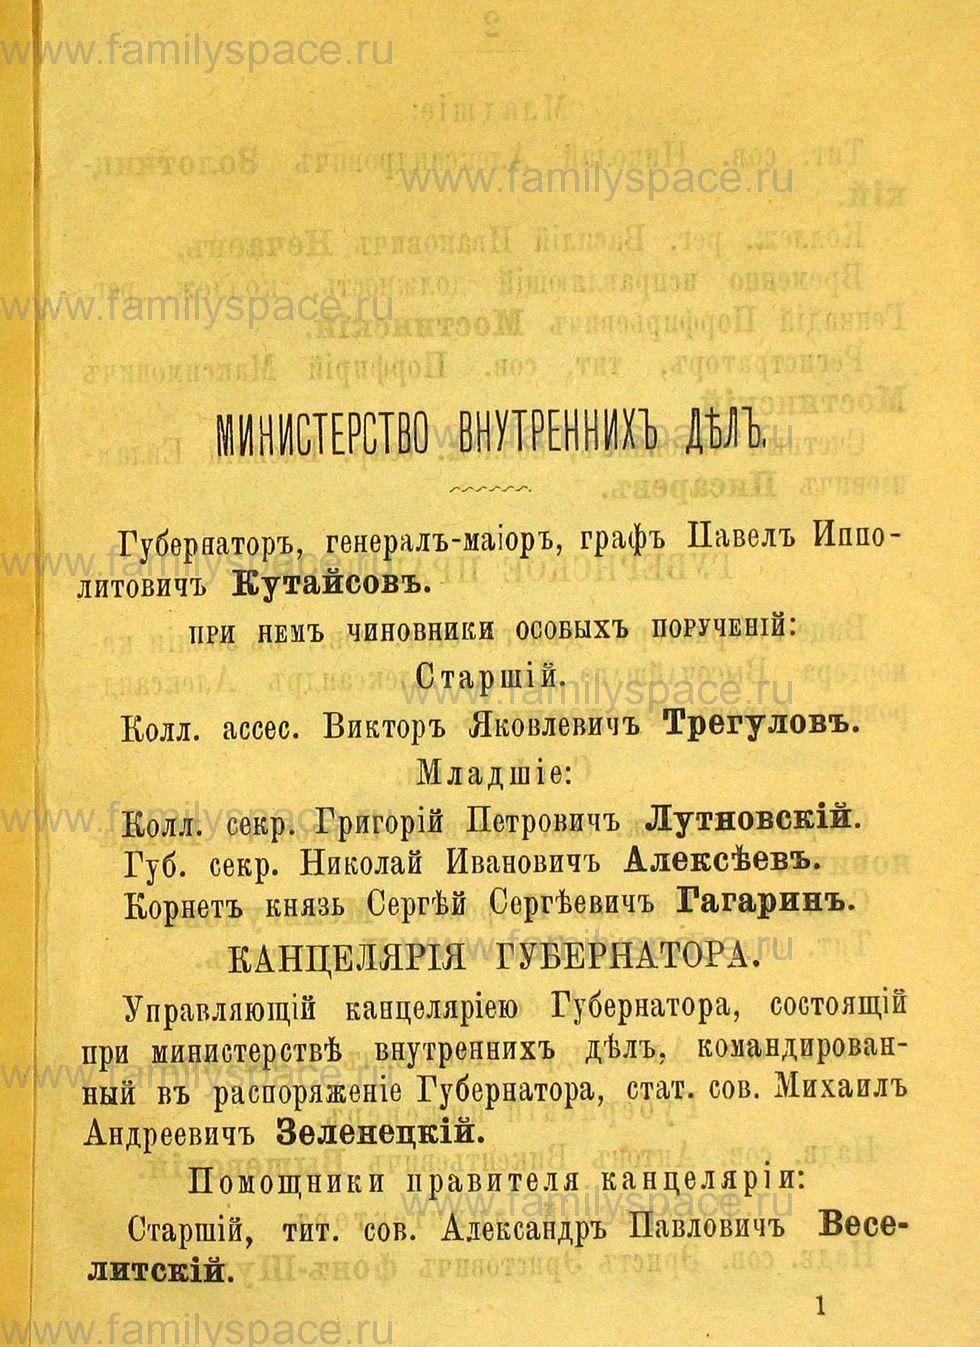 Поиск по фамилии - Нижегородская губерния - 1875, страница 1